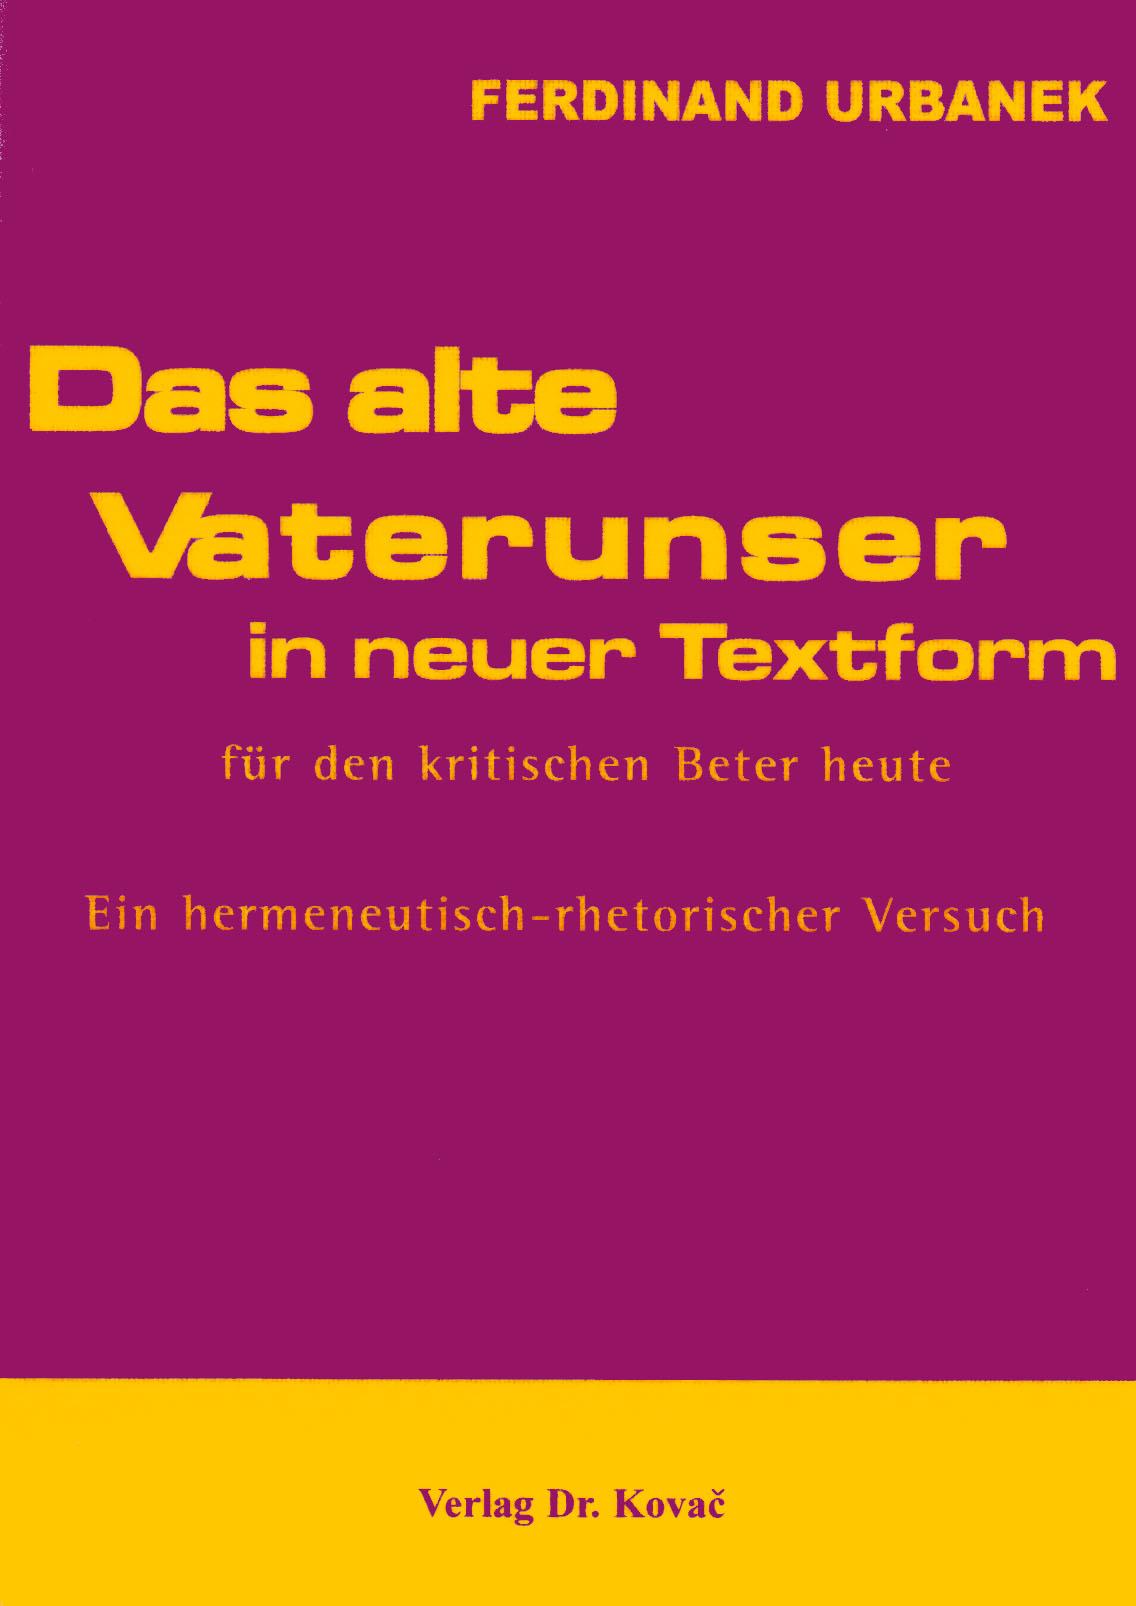 Cover: Das alte Vaterunser in neuer Textform - für den kritischen Beter heute